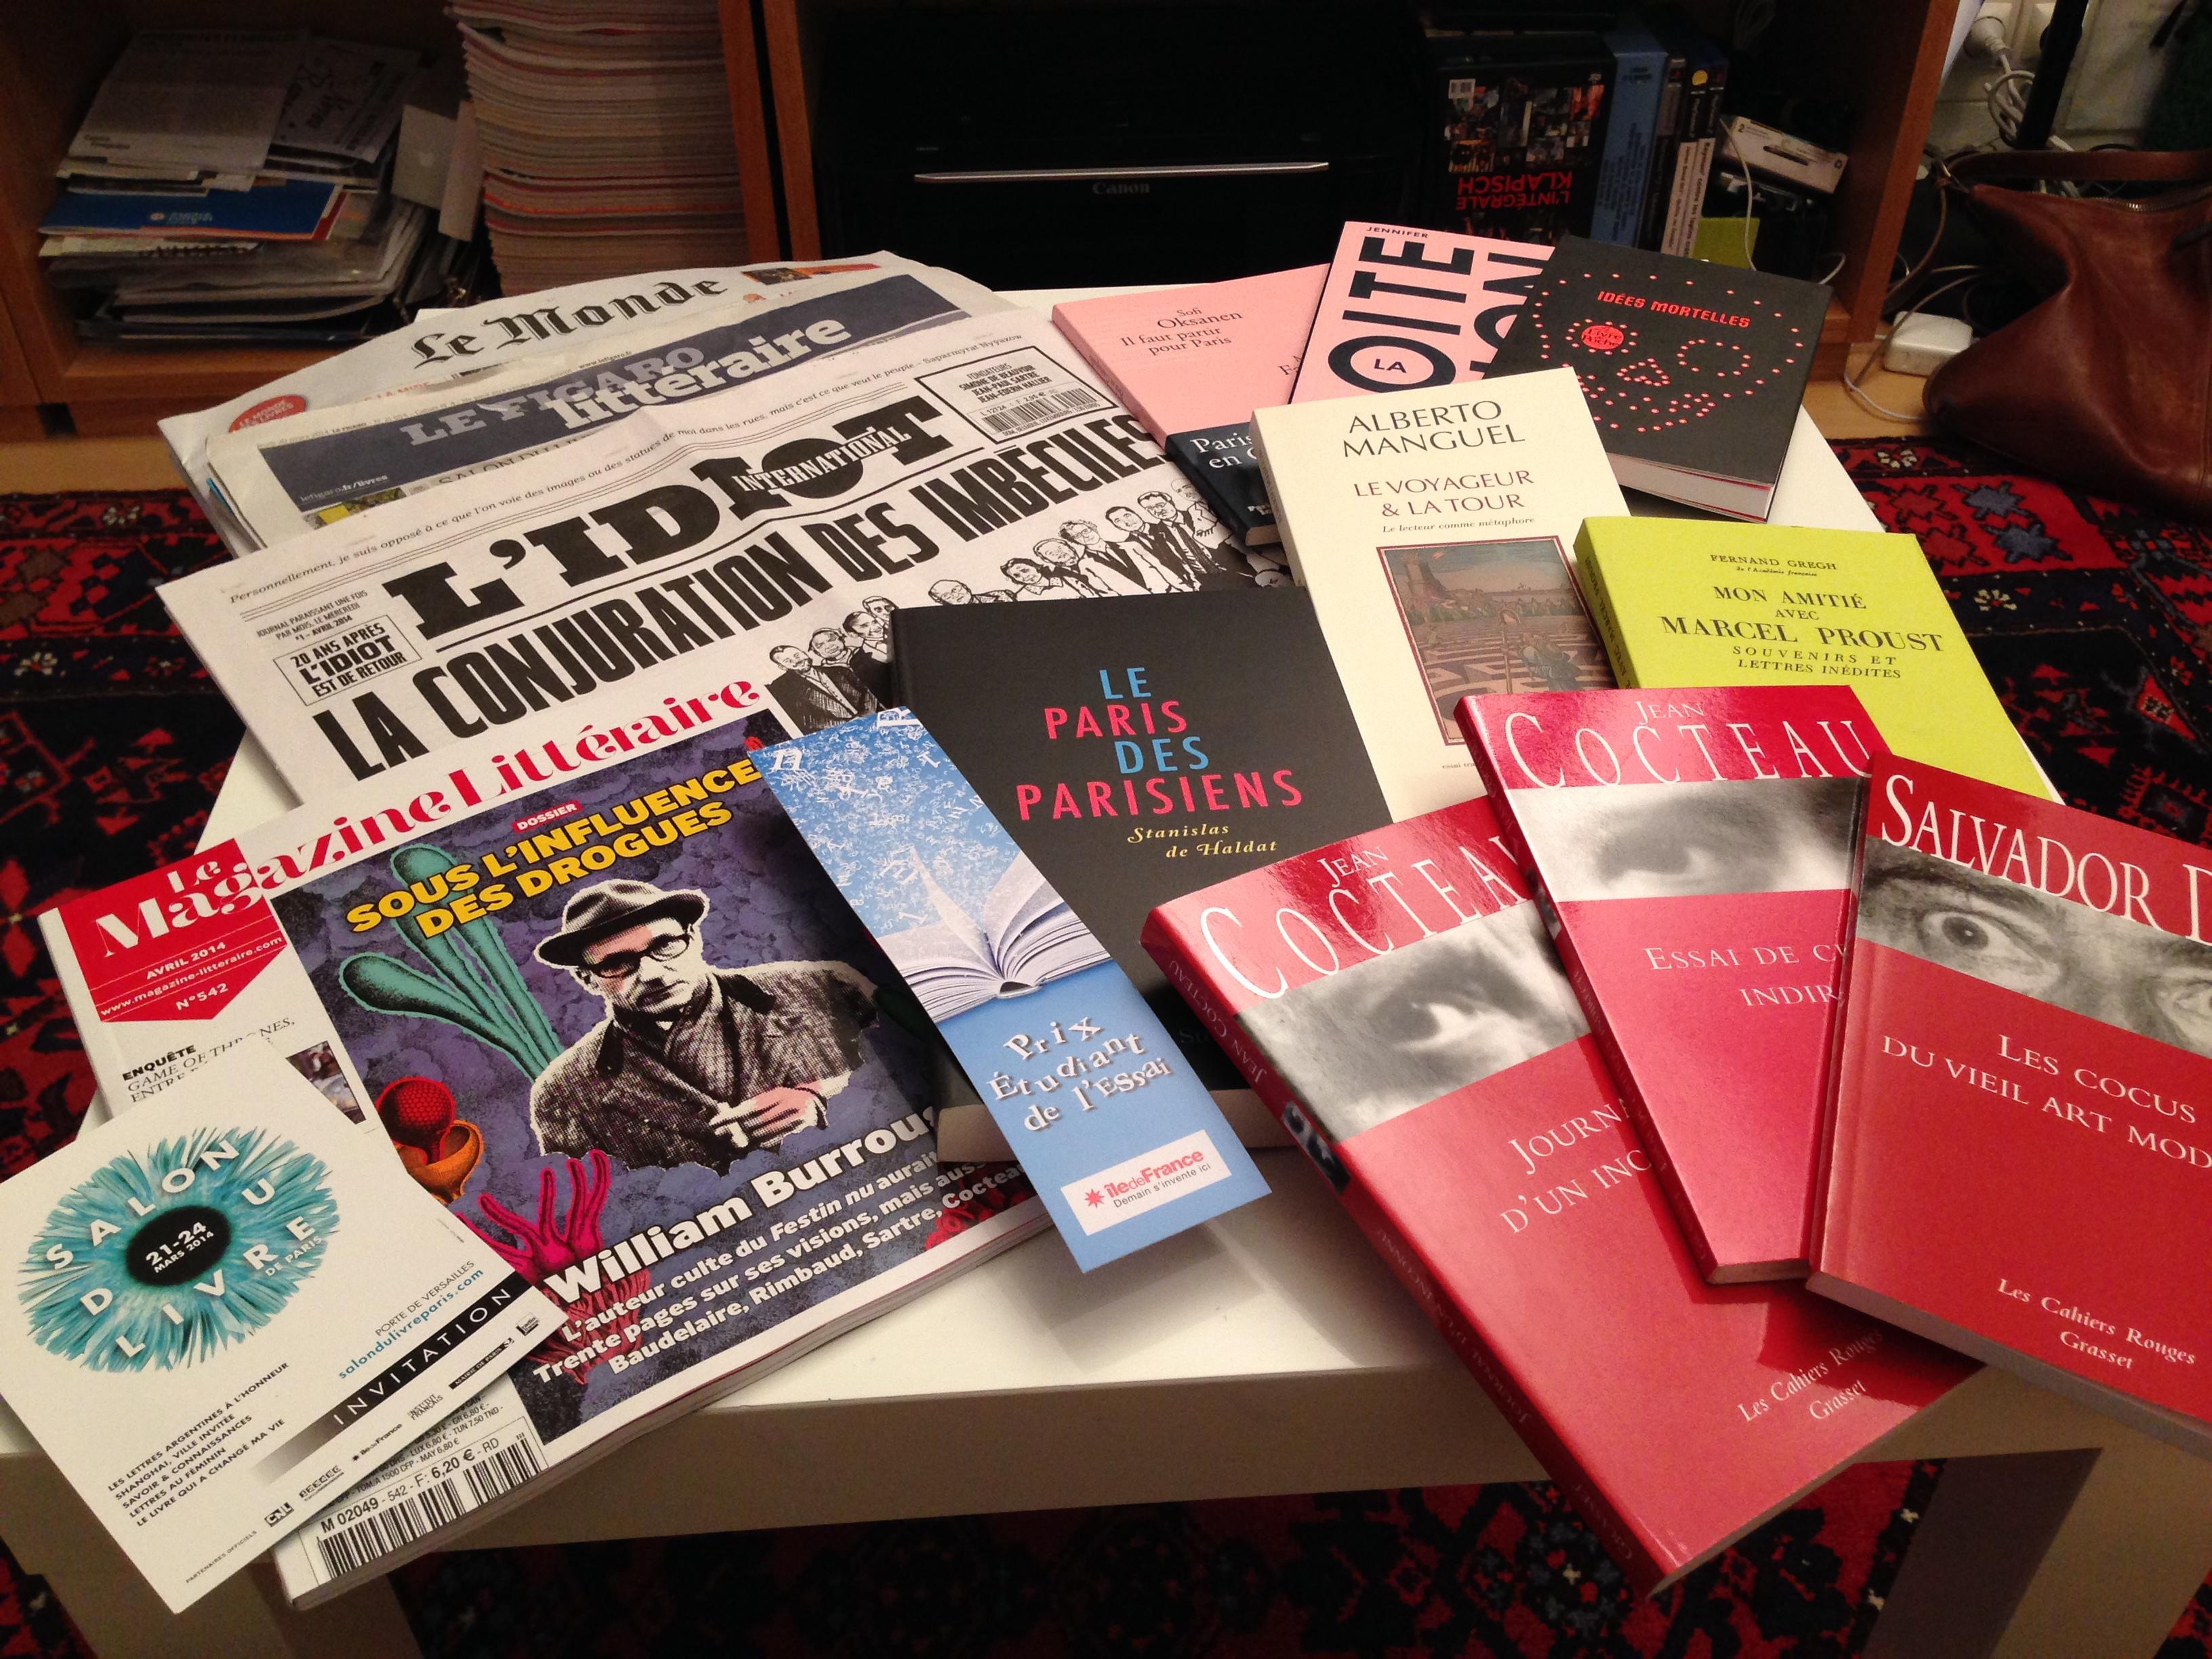 Un week end au salon du livre de paris c est le carnet de myriam thibault - Invitation salon du livre ...